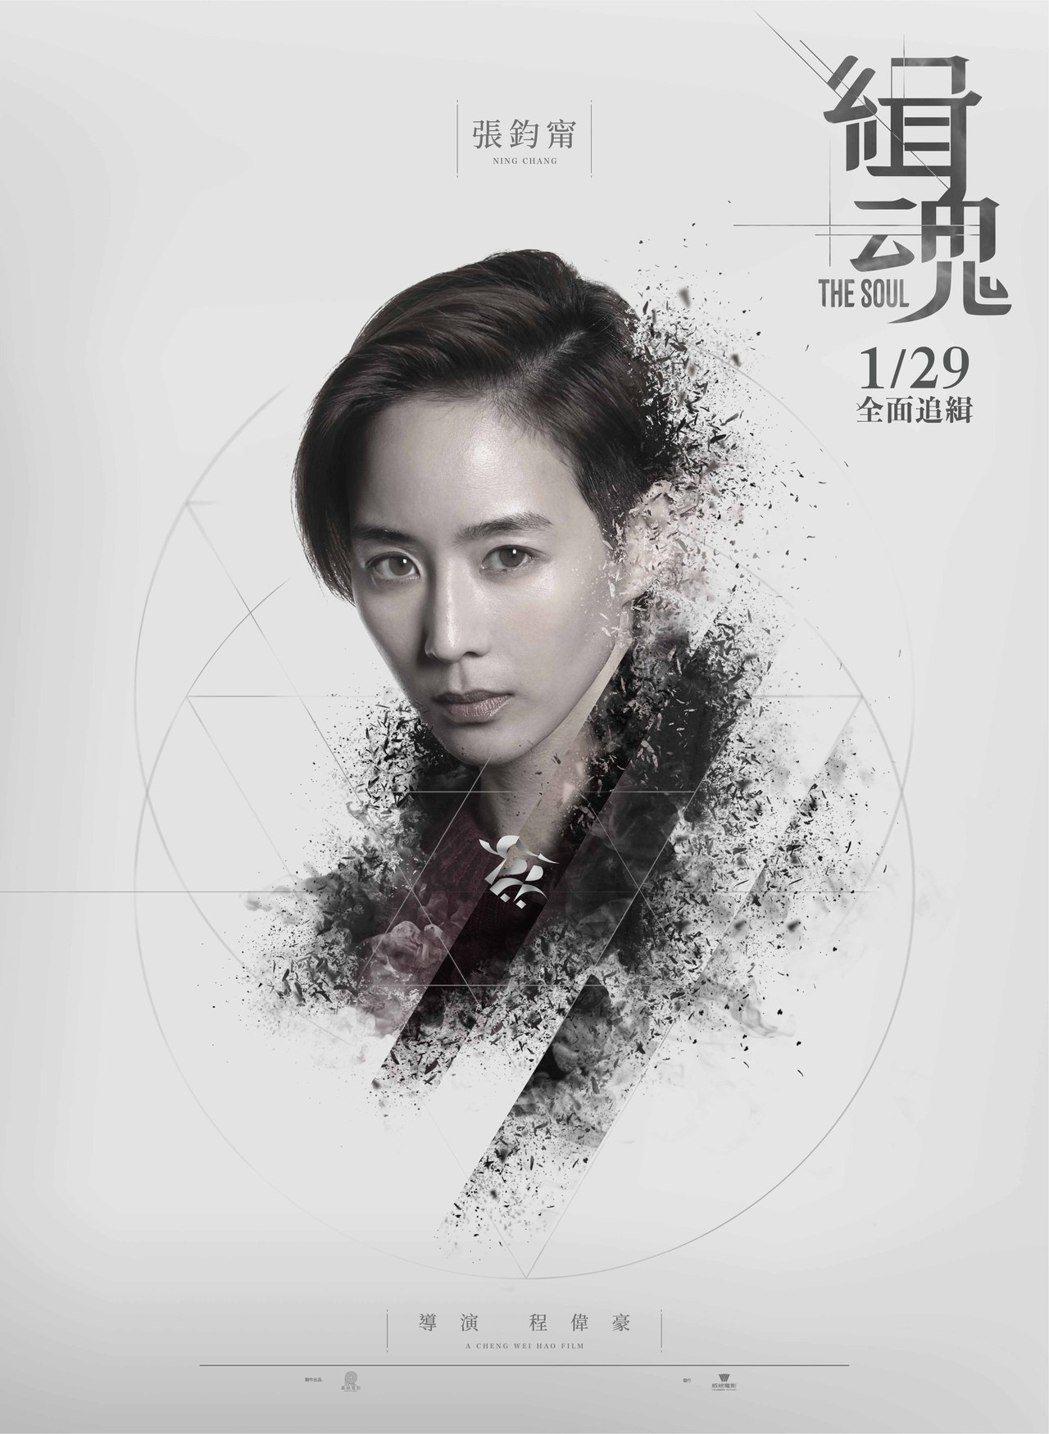 「緝魂」確定於2021年1月29日全台上映。圖/威視提供